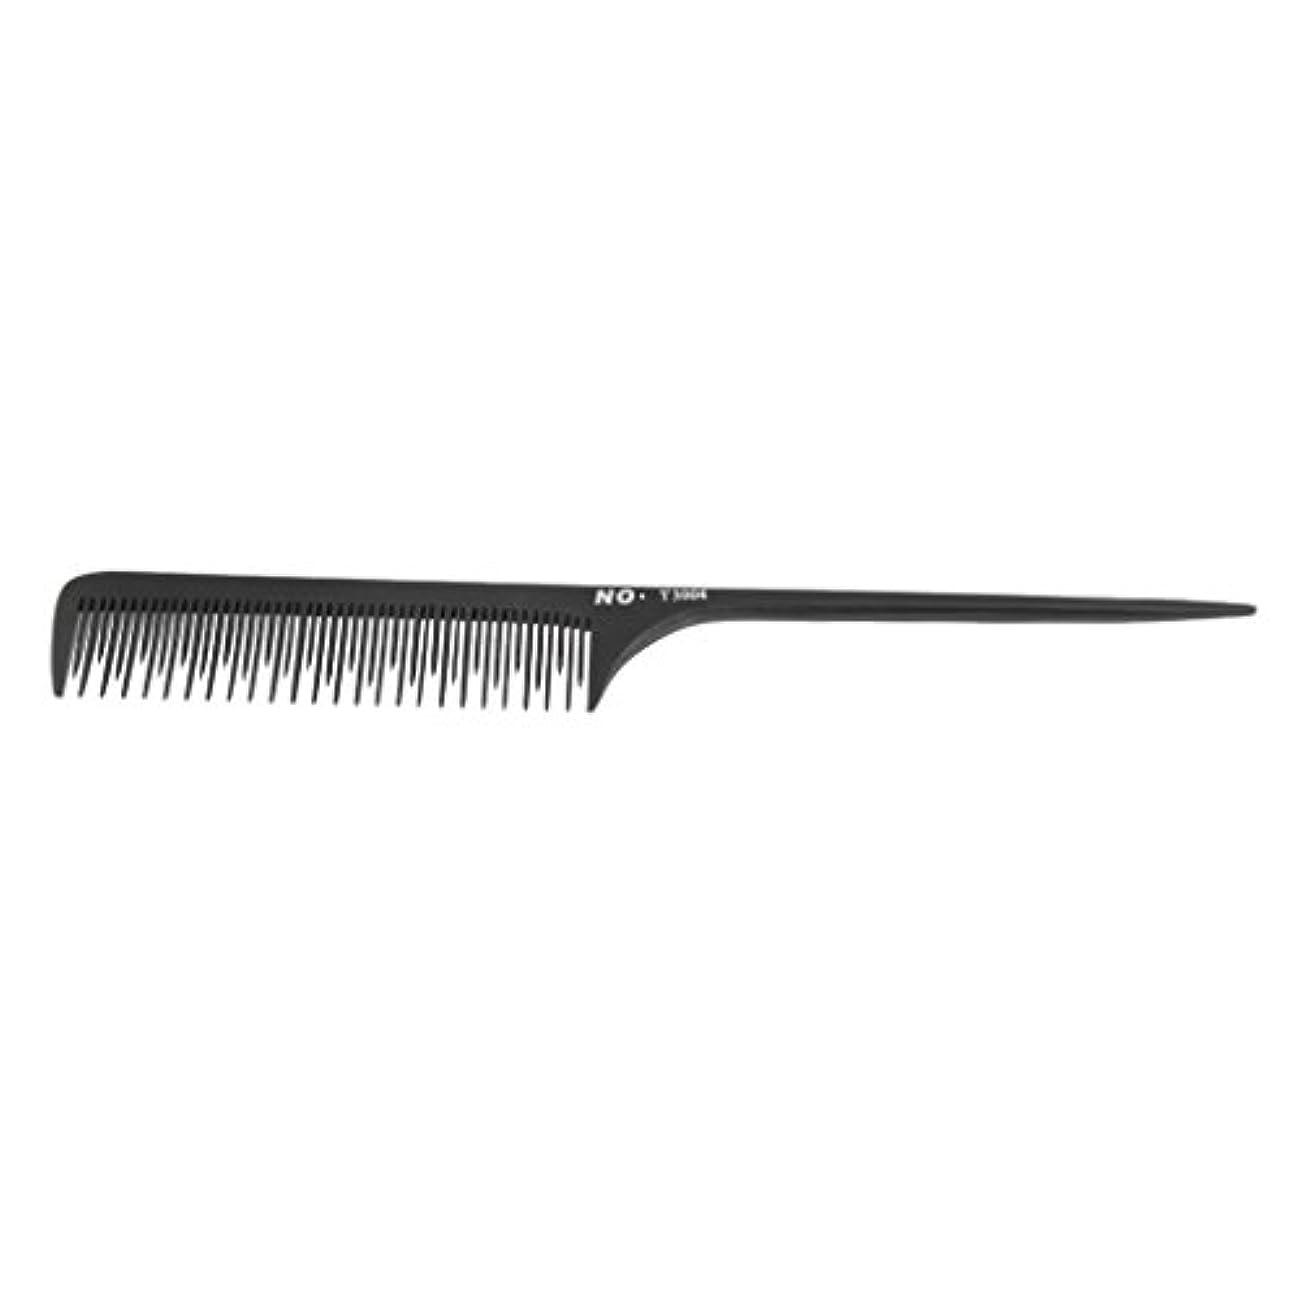 座標狂信者悪意のあるHomyl サロン 理髪師 ヘアスタイリング 櫛 テールコーム ヘアコーム ヘアブラシ プロ 2タイプ選べ - t3004